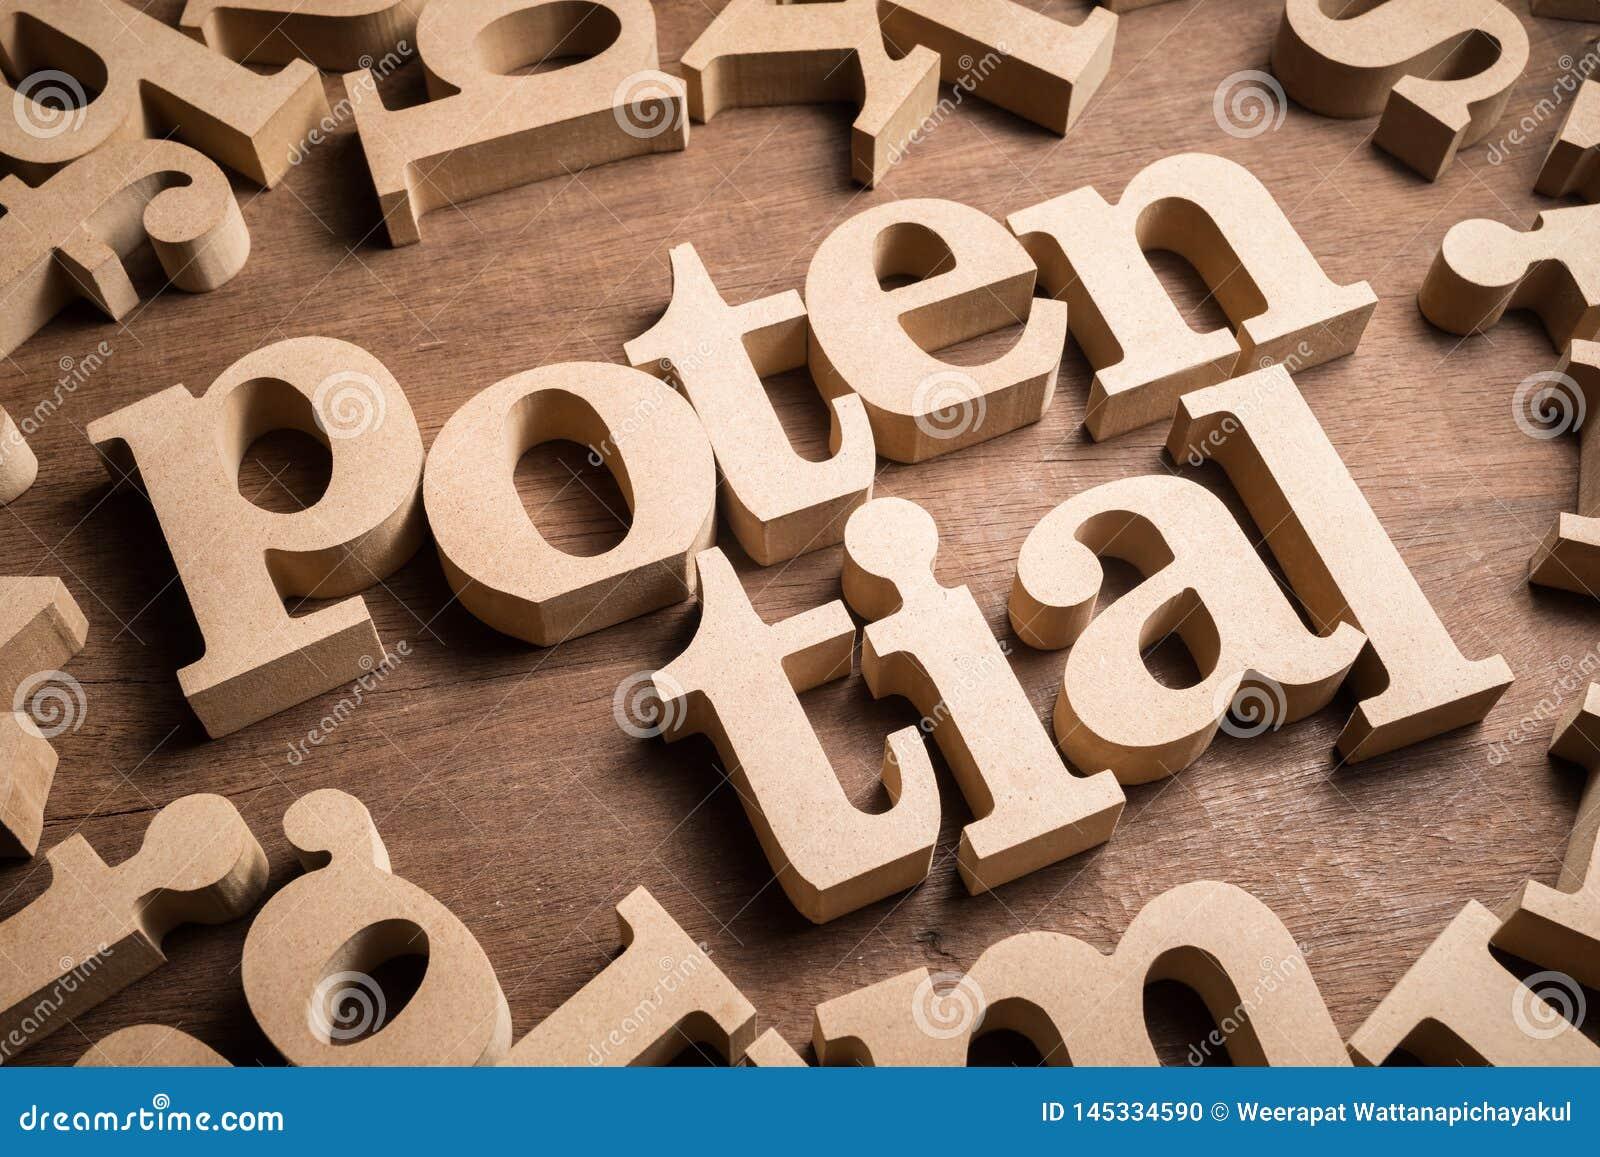 Potentieel Houten Word